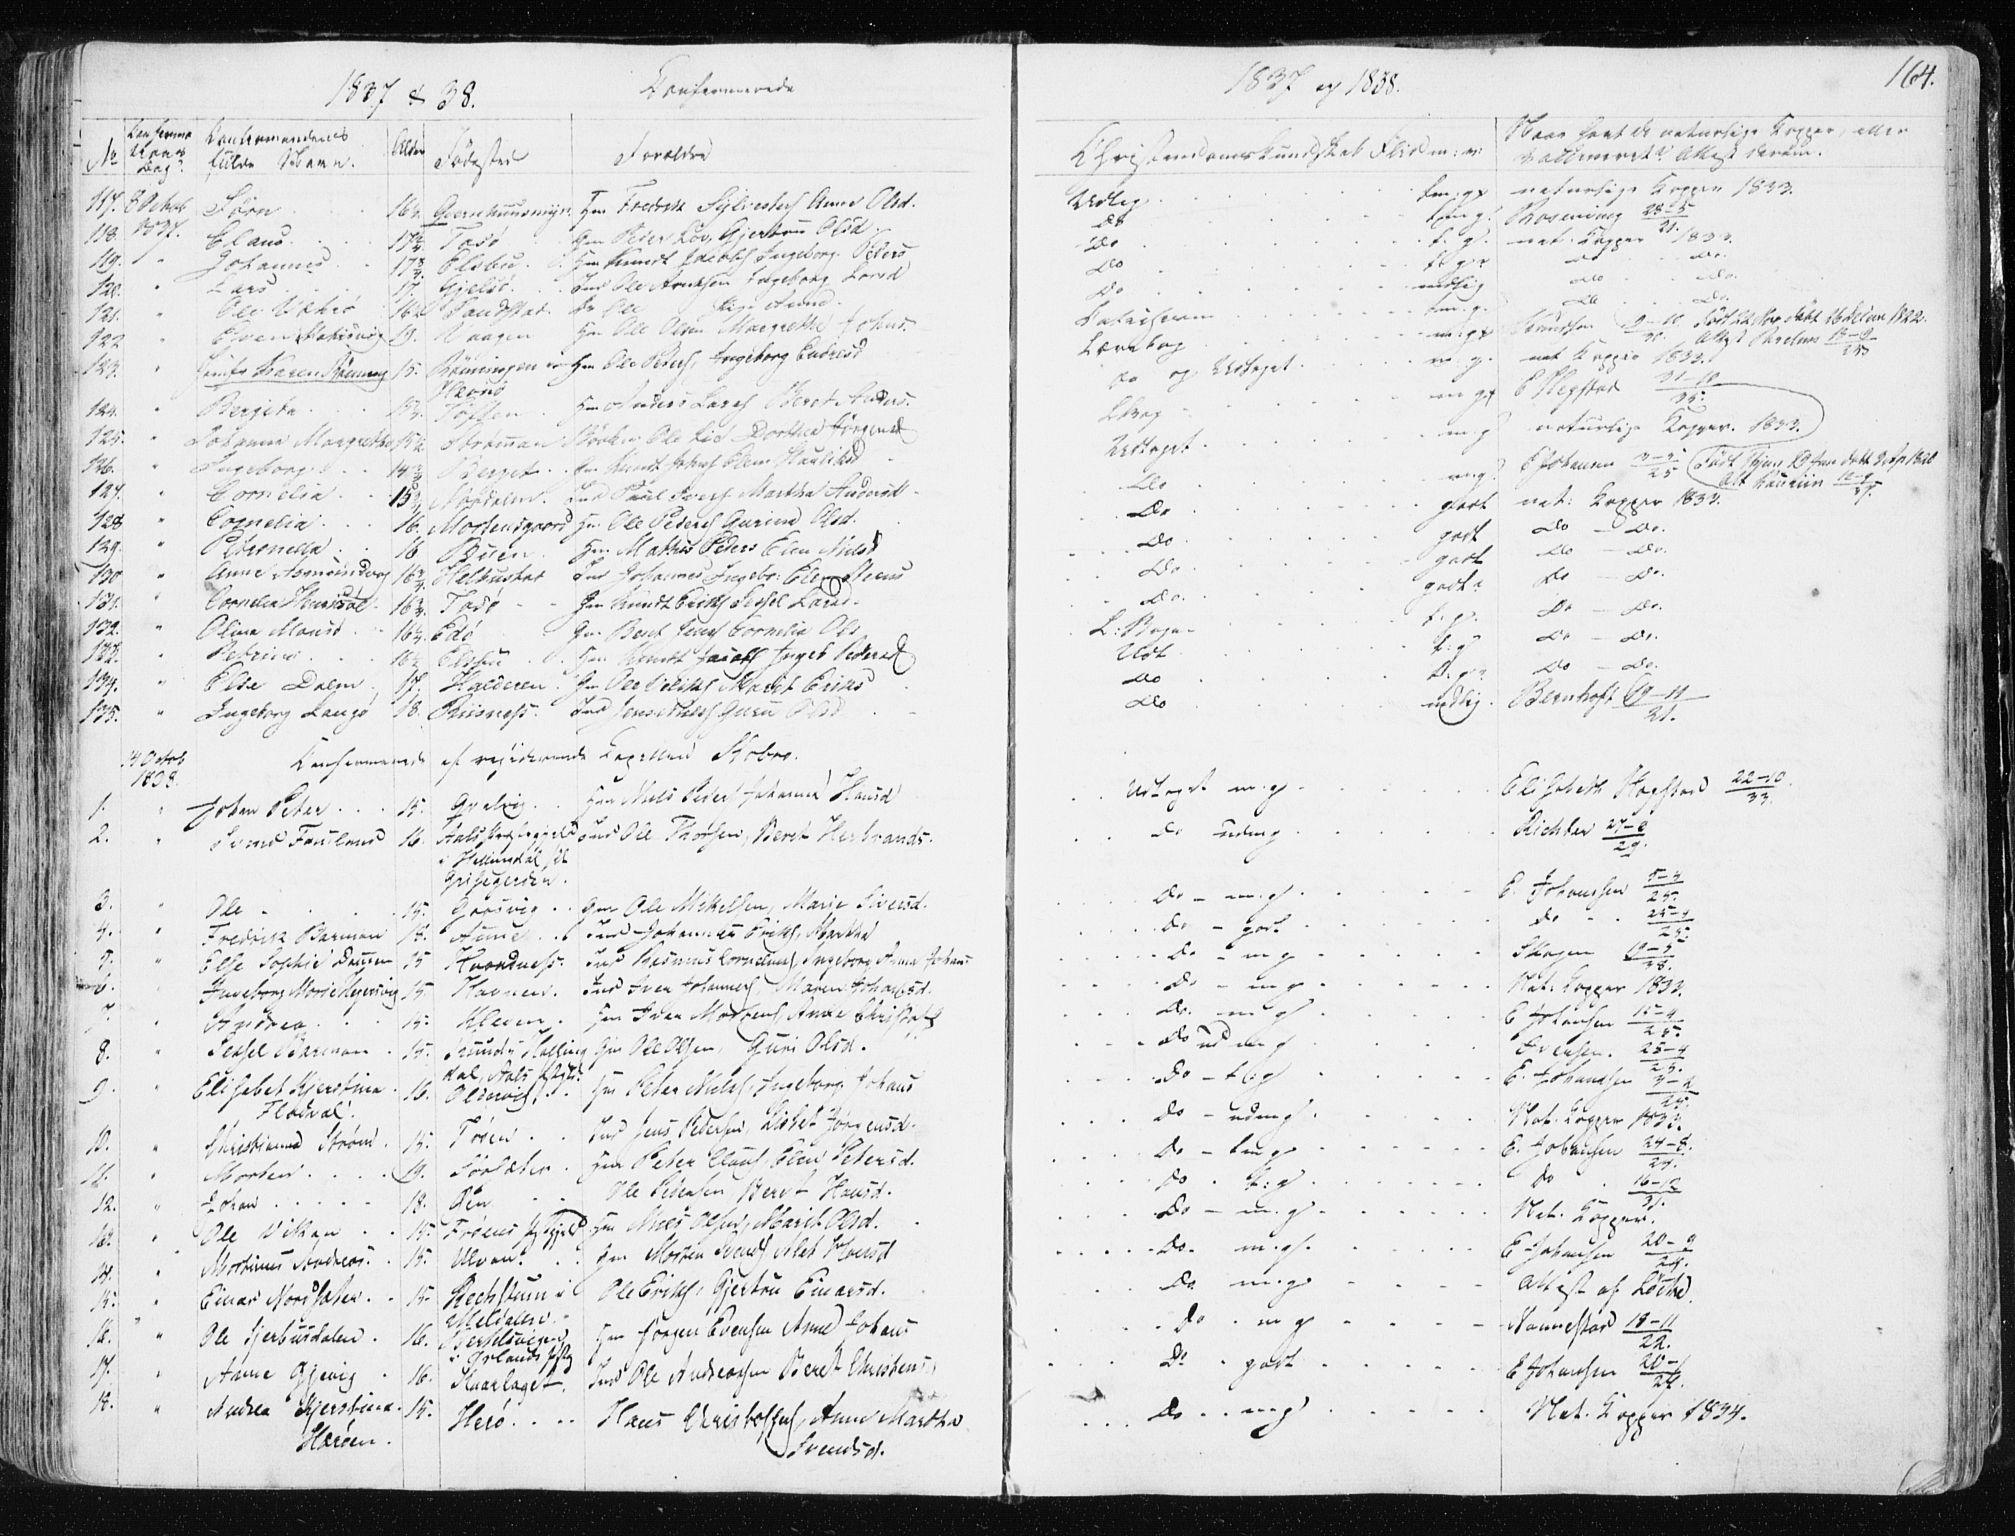 SAT, Ministerialprotokoller, klokkerbøker og fødselsregistre - Sør-Trøndelag, 634/L0528: Ministerialbok nr. 634A04, 1827-1842, s. 164